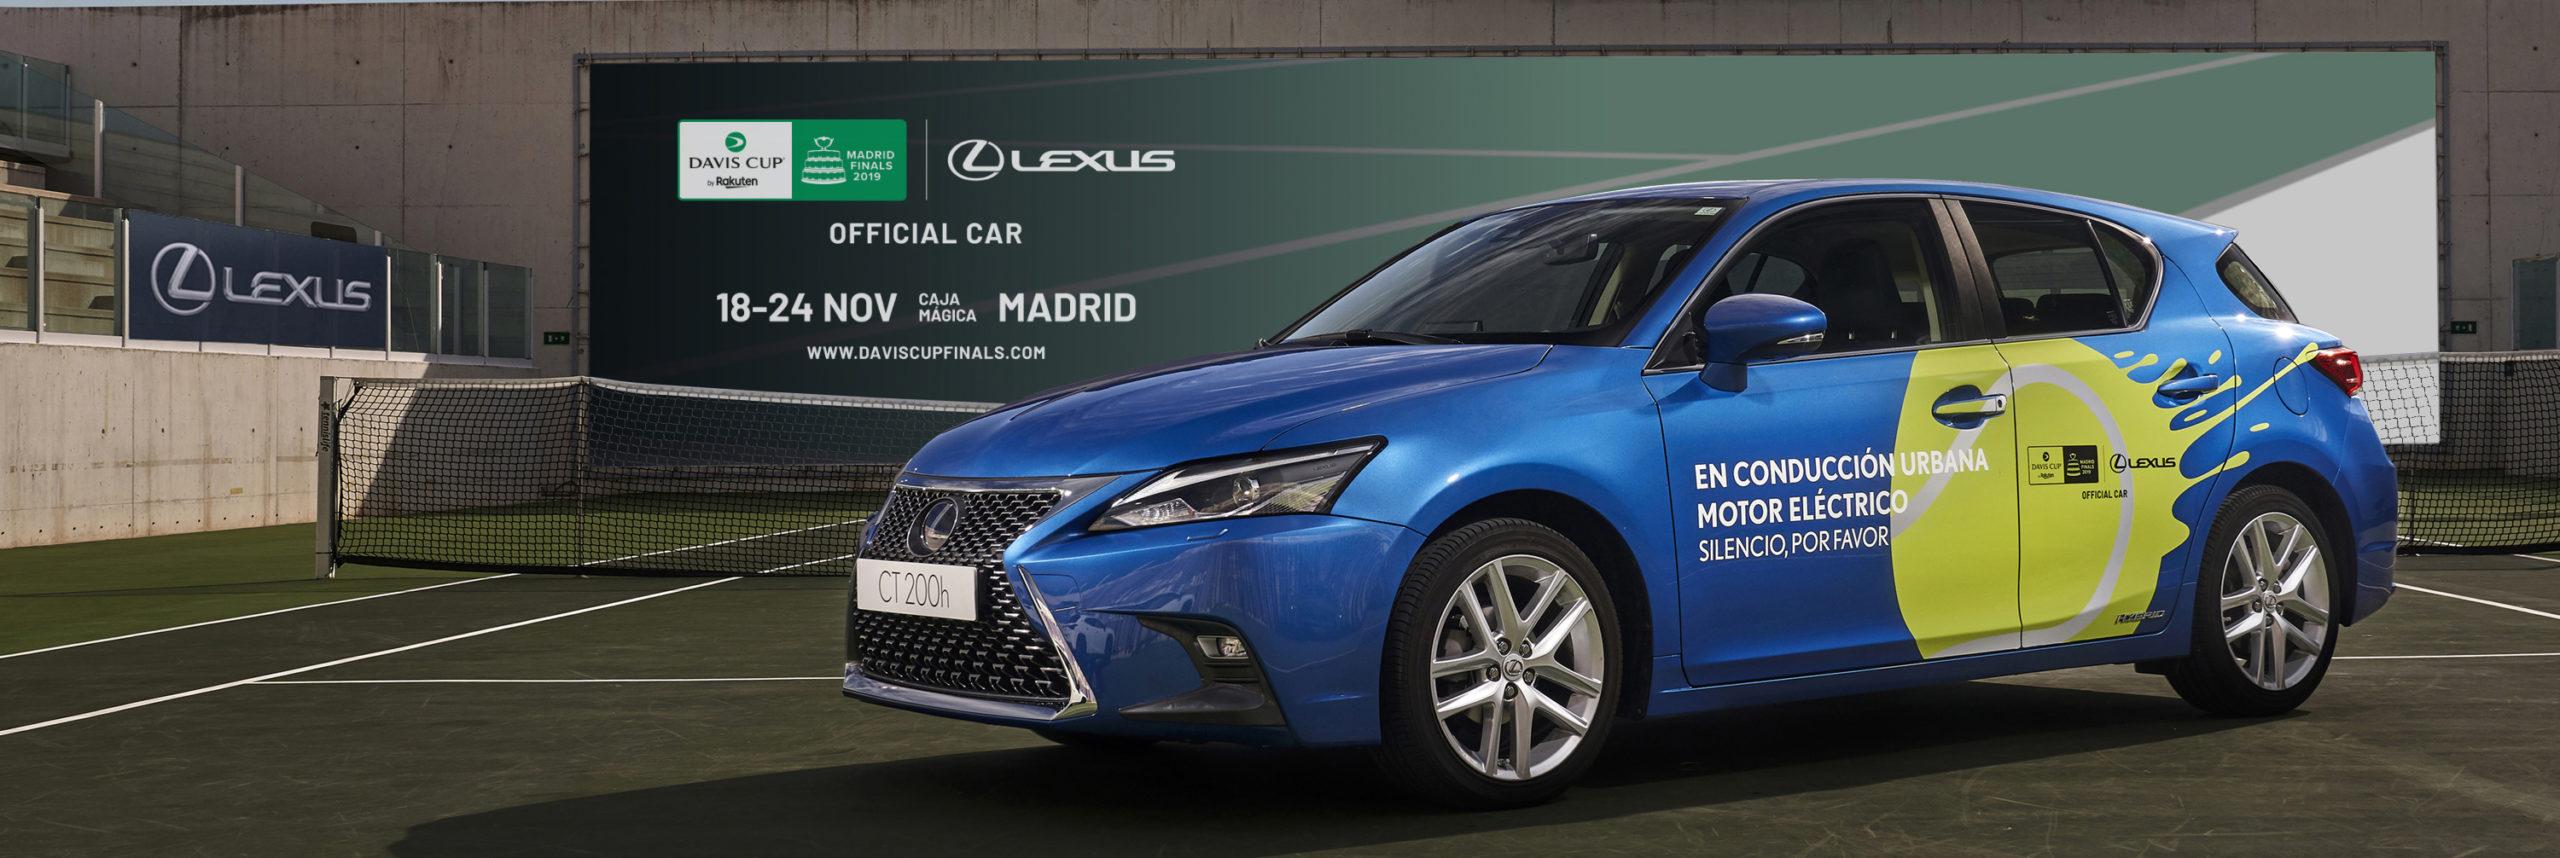 Lexus híbrido y la Davis Cup by Rakuten Finals